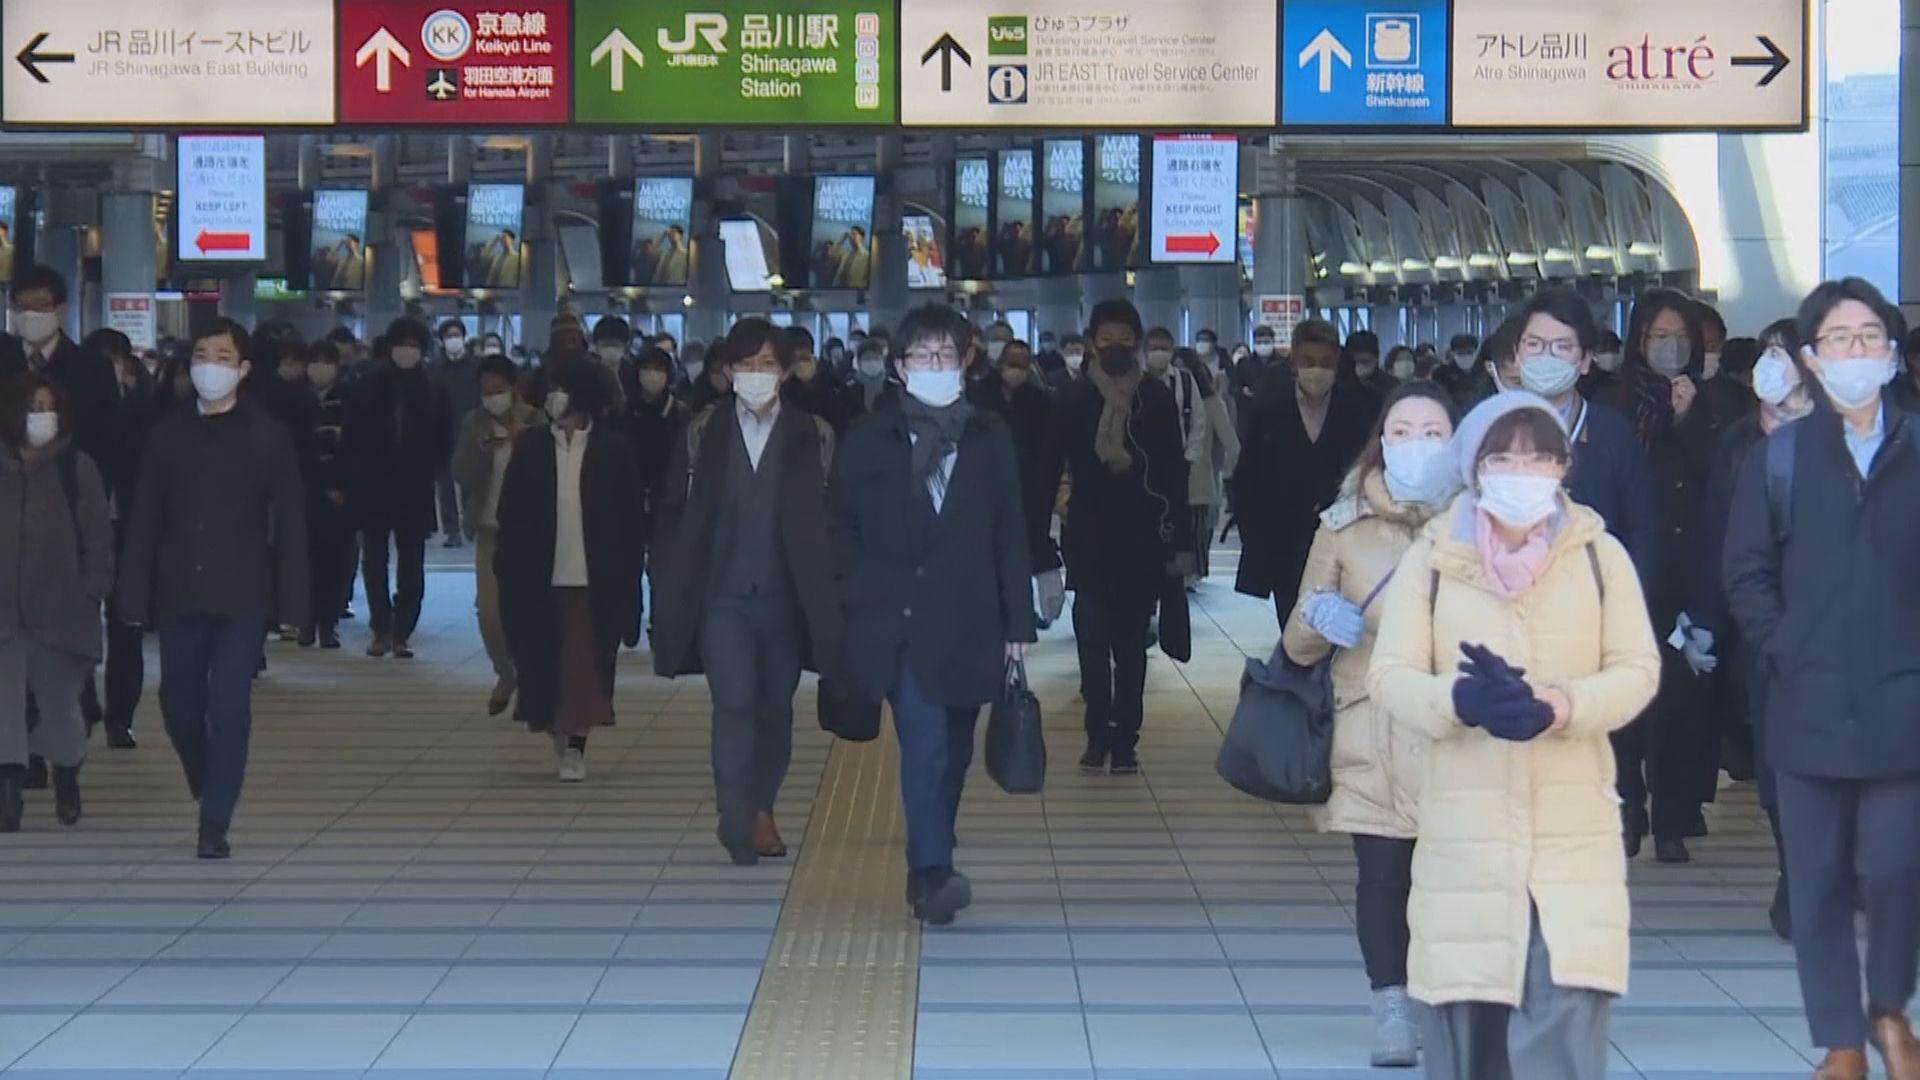 東京都及鄰近三個縣促延長緊急事態